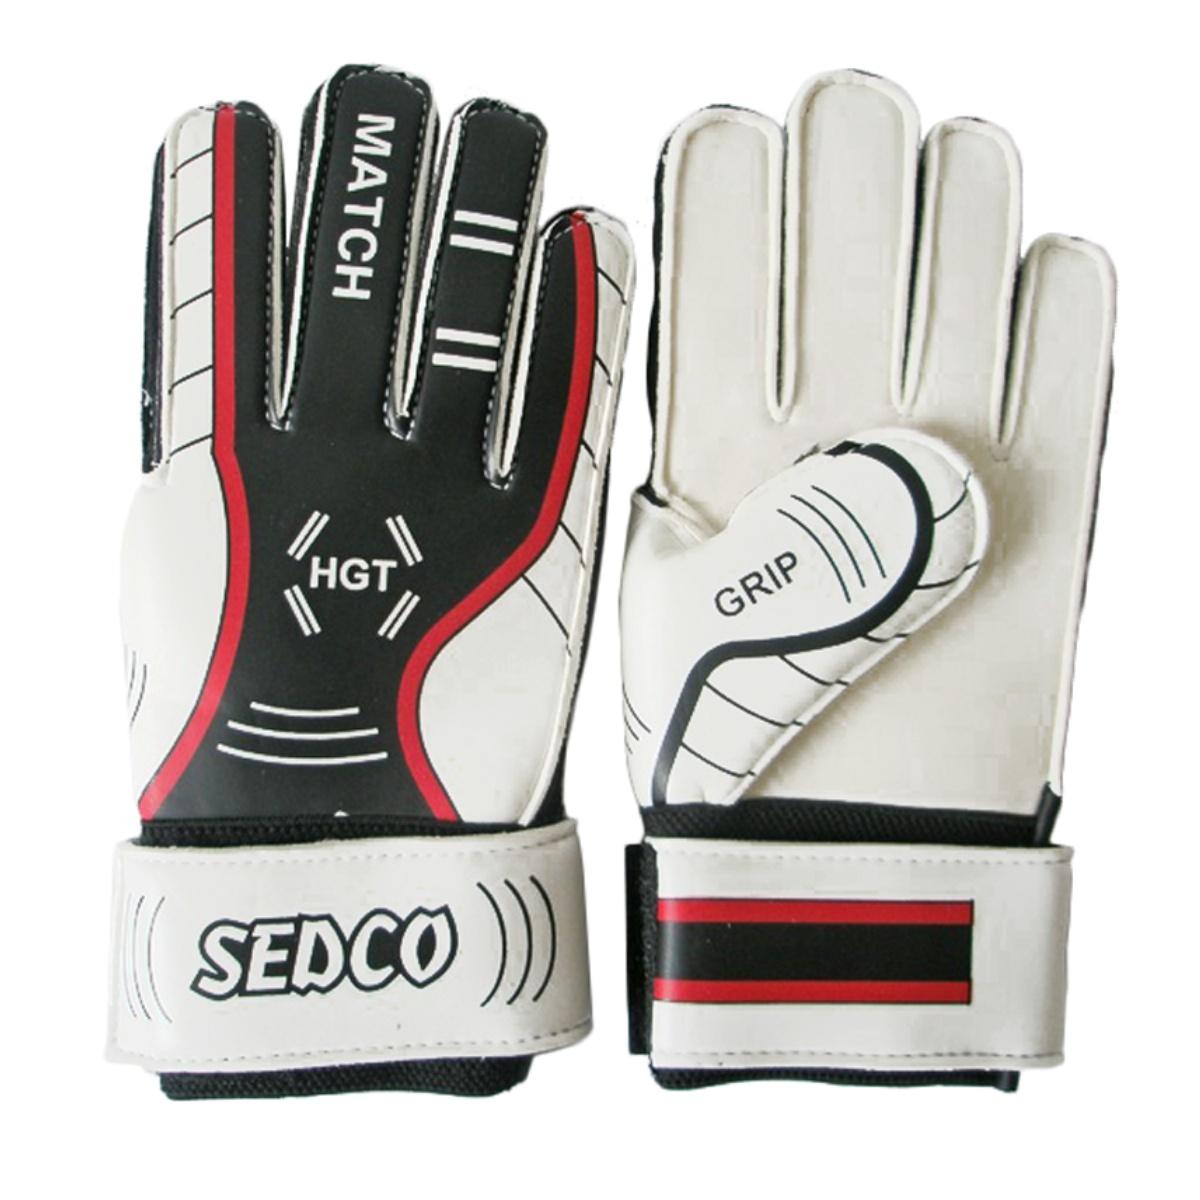 Fotbalové rukavice SEDCO brankářské - vel. 5